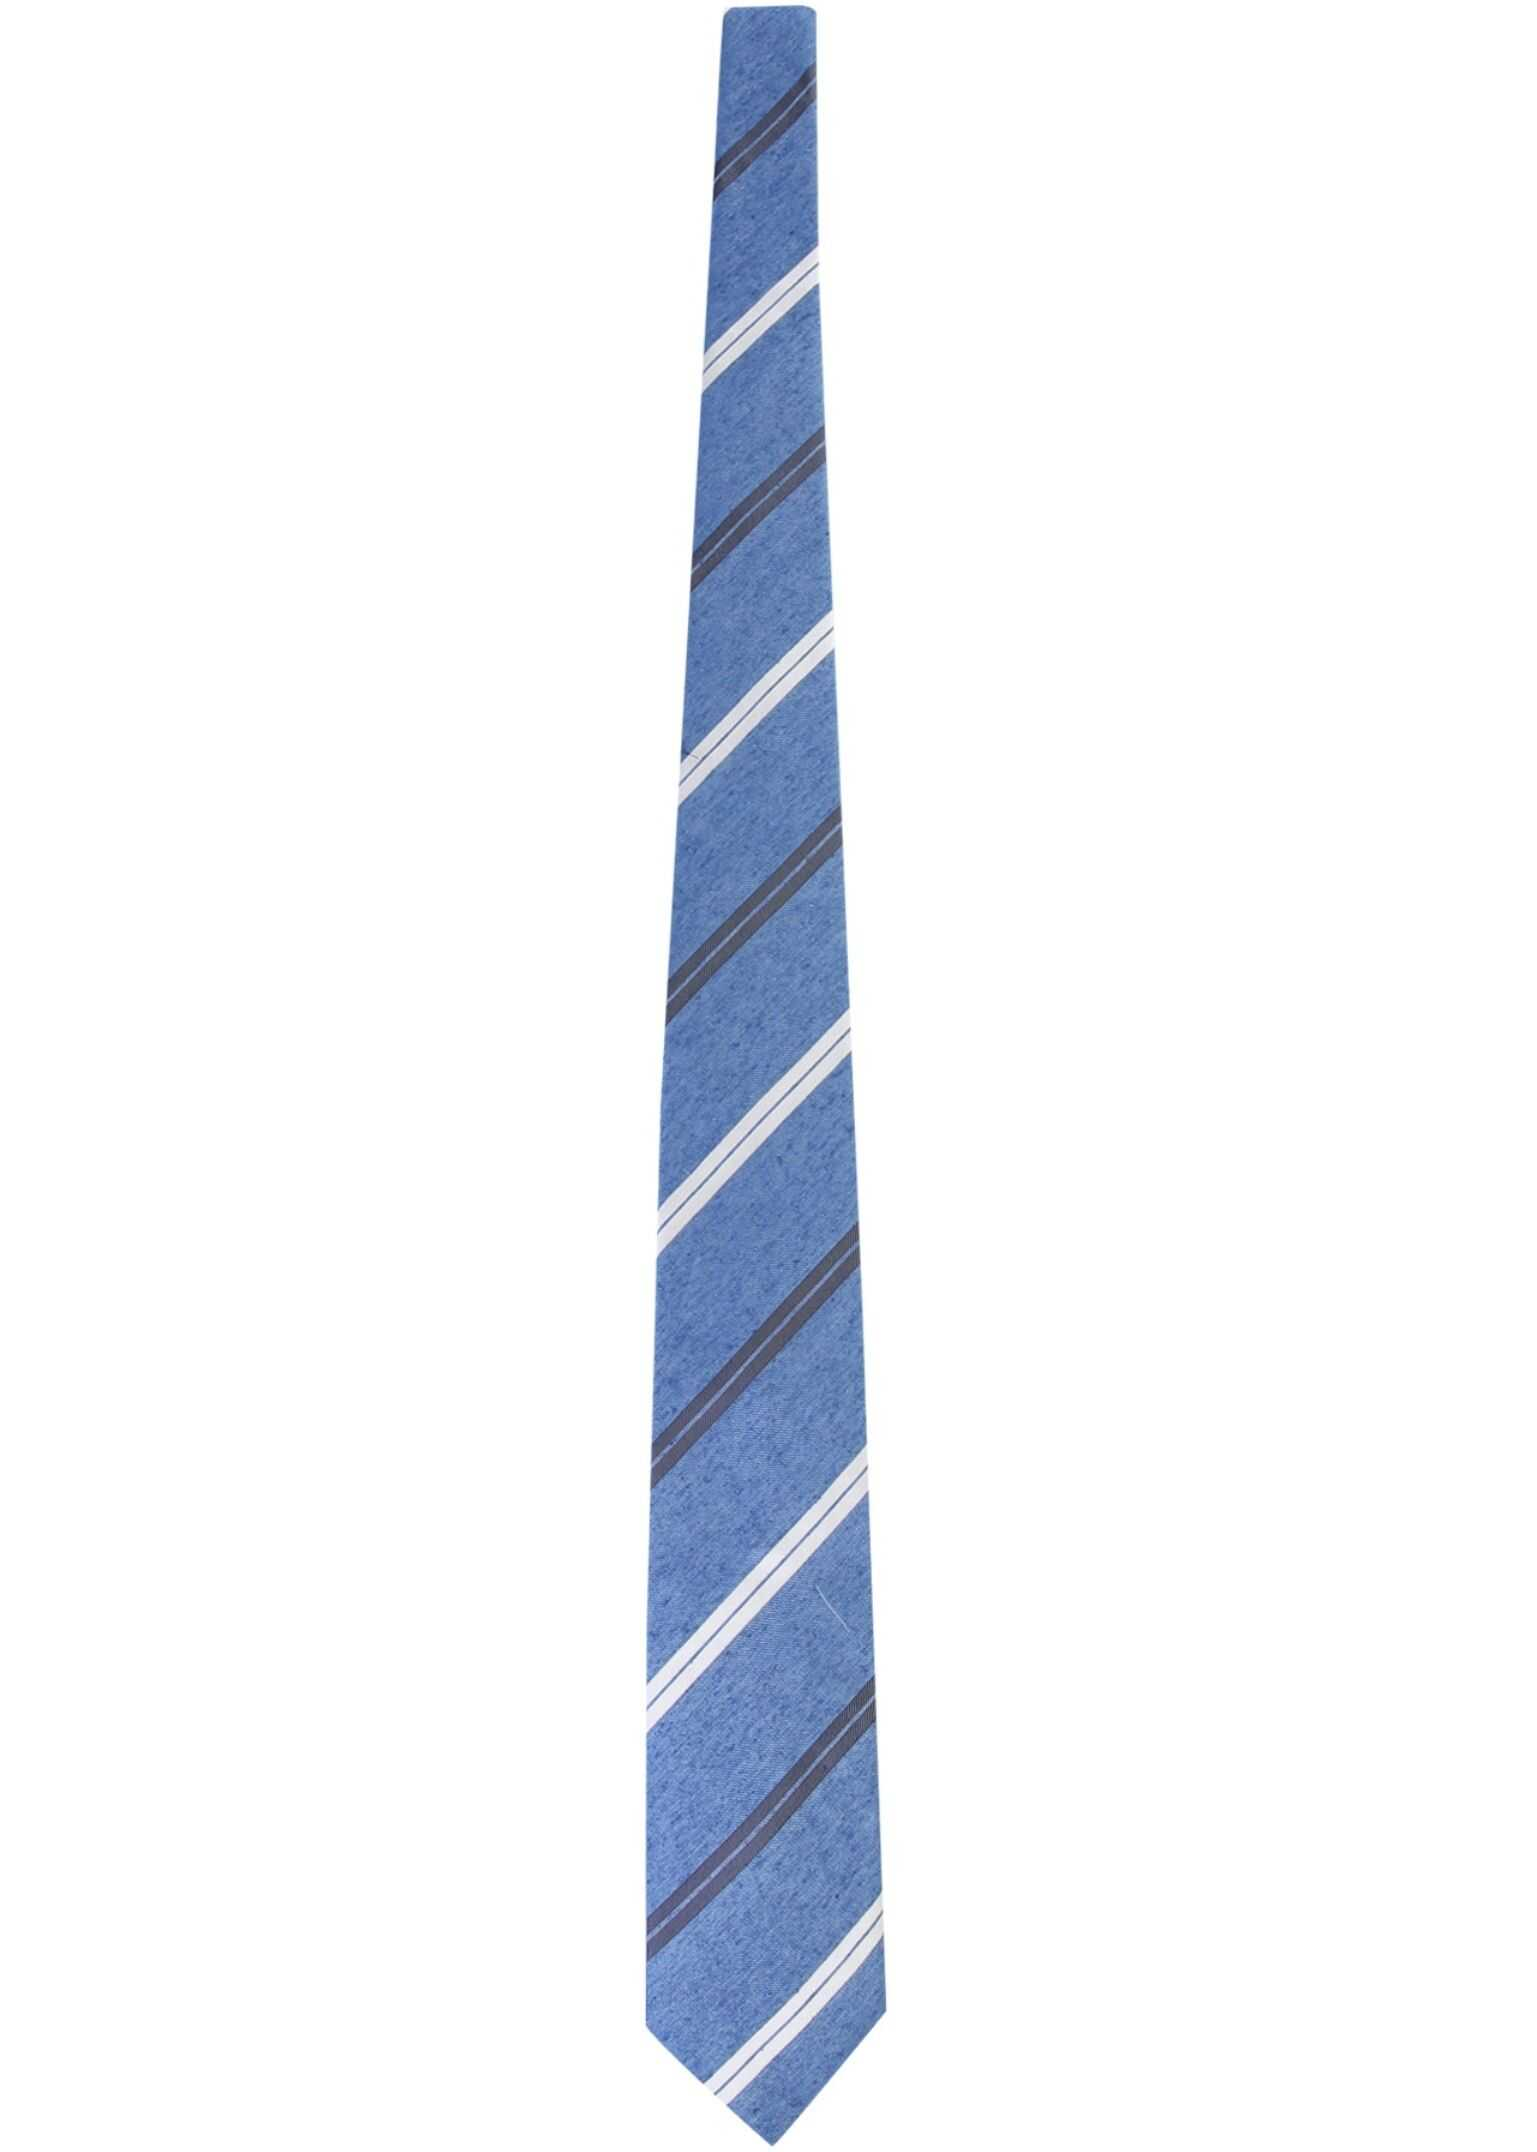 BOSS Tie With Stripe Pattern BLUE